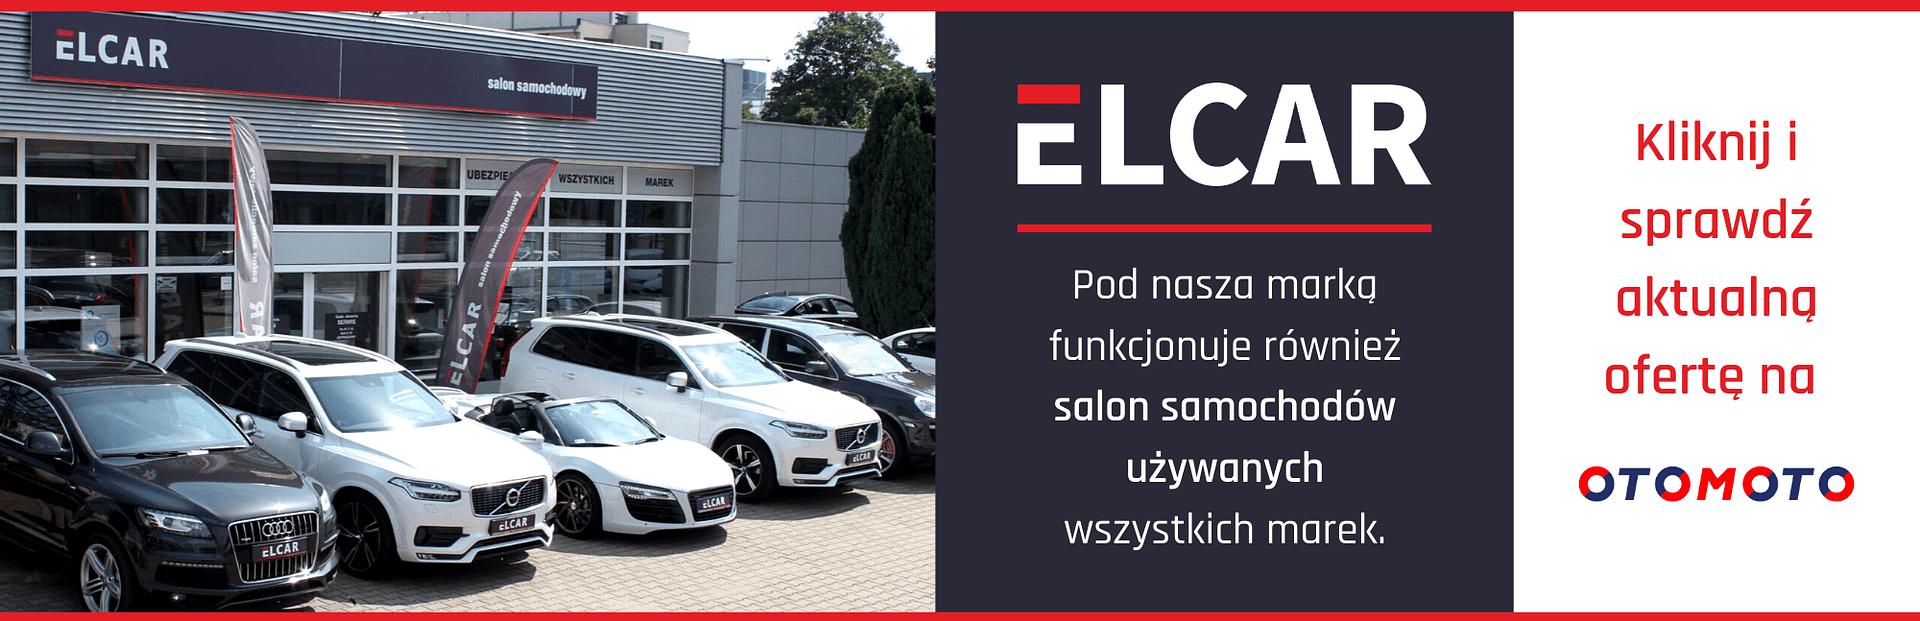 elcar.otomoto.pl